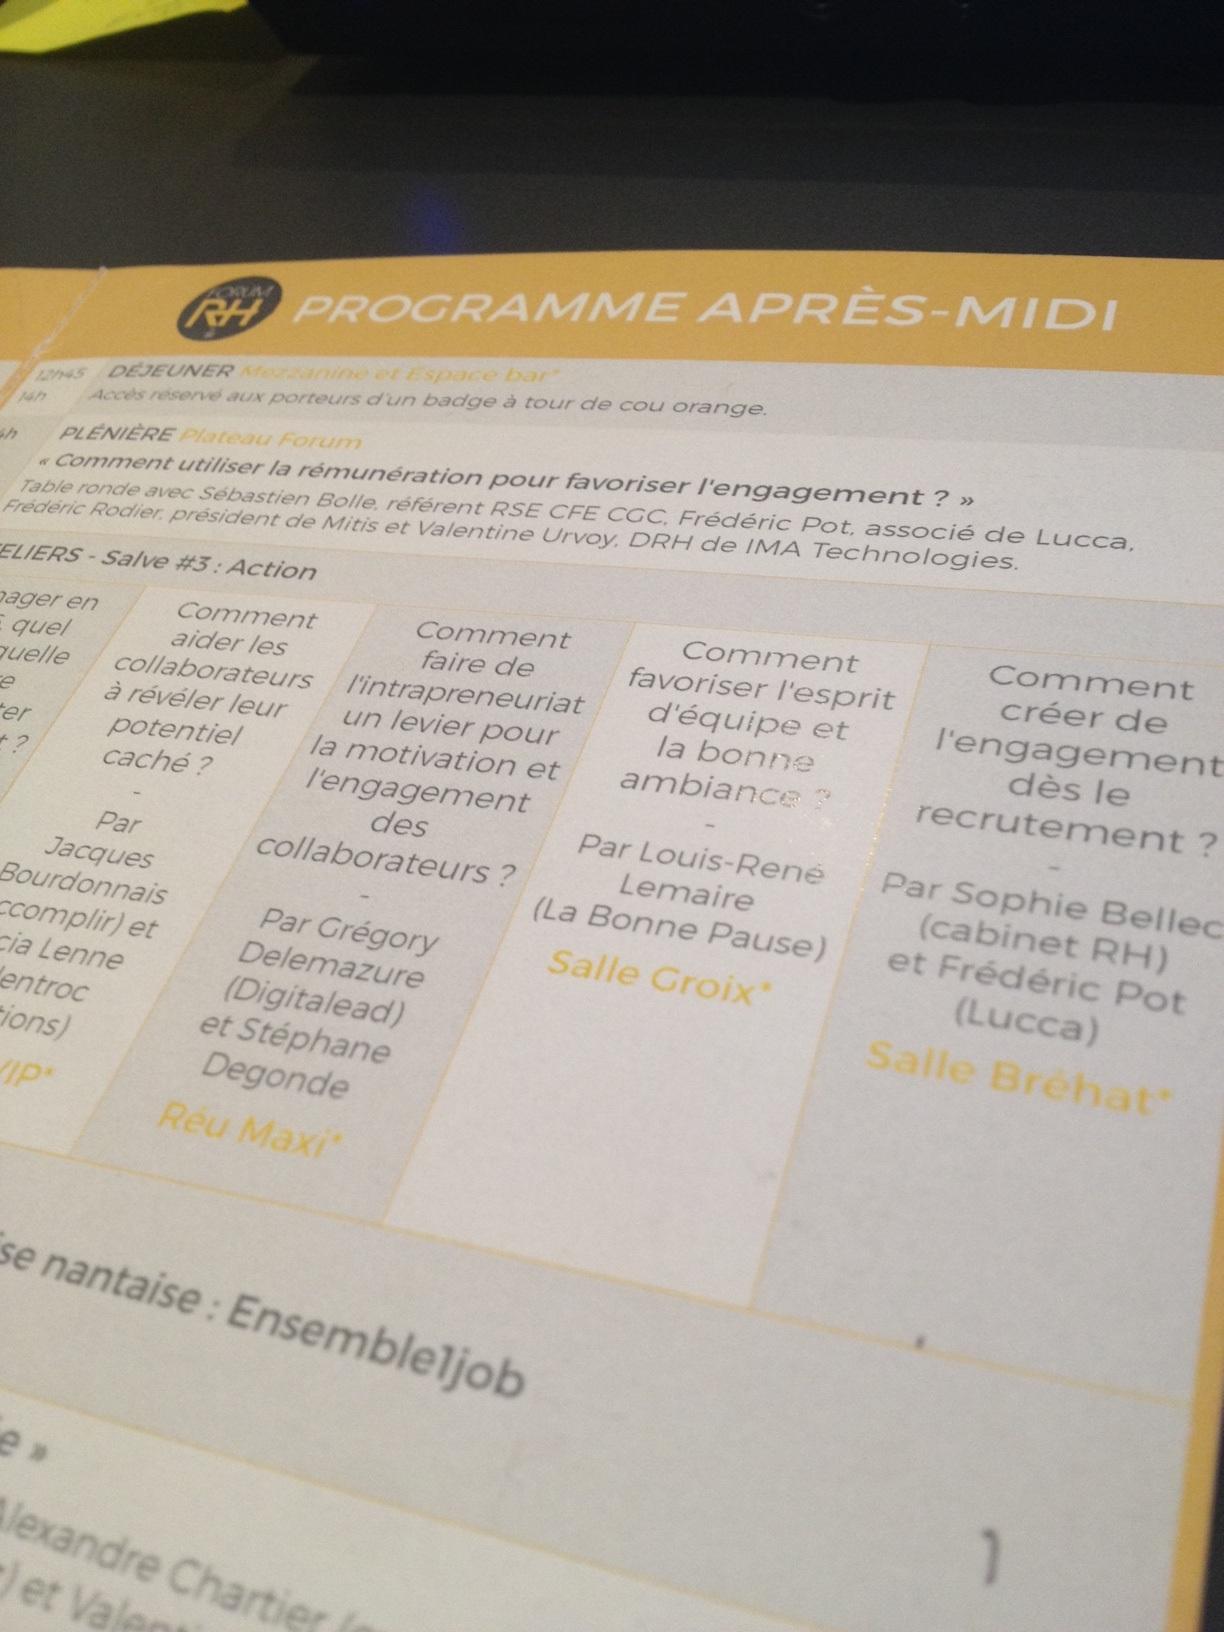 forum-rh-nantes-intervention-la-bonne-pause-programme